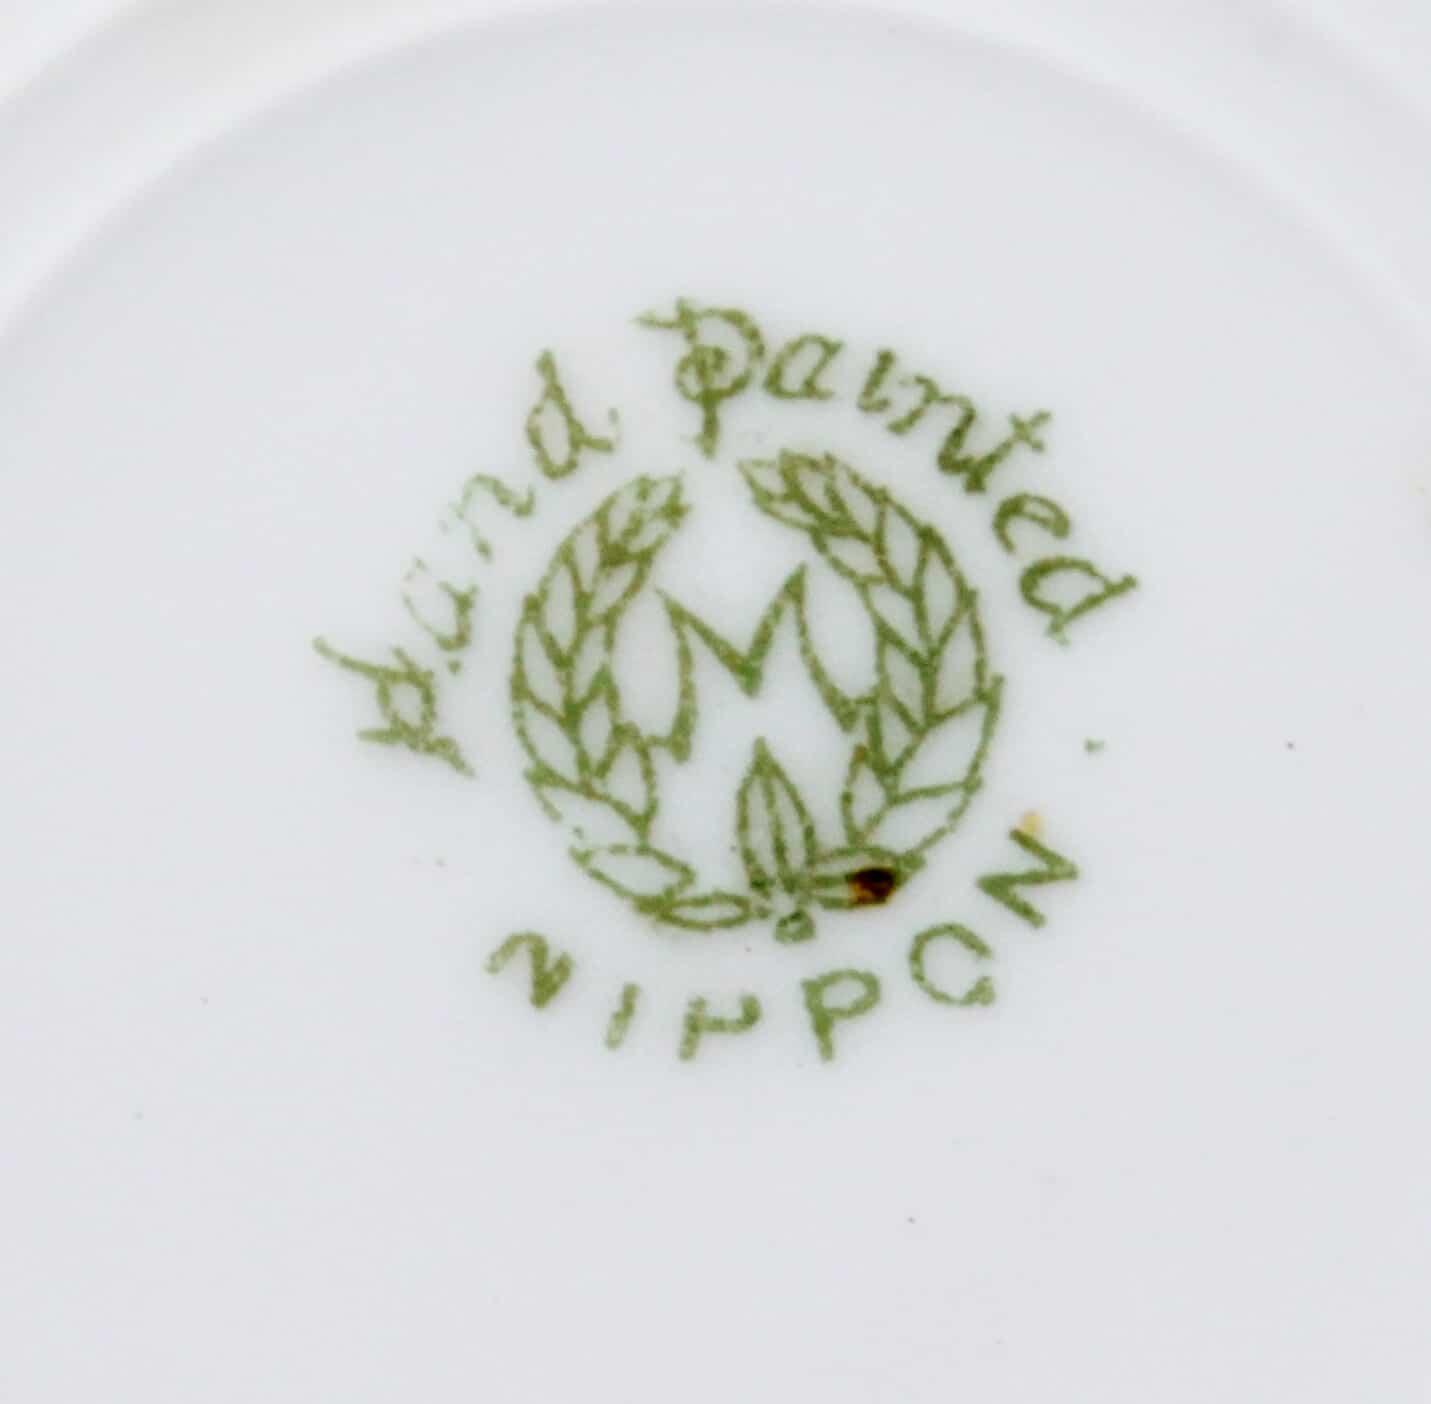 """Noritake """"M"""" in wreath Nippon mark"""